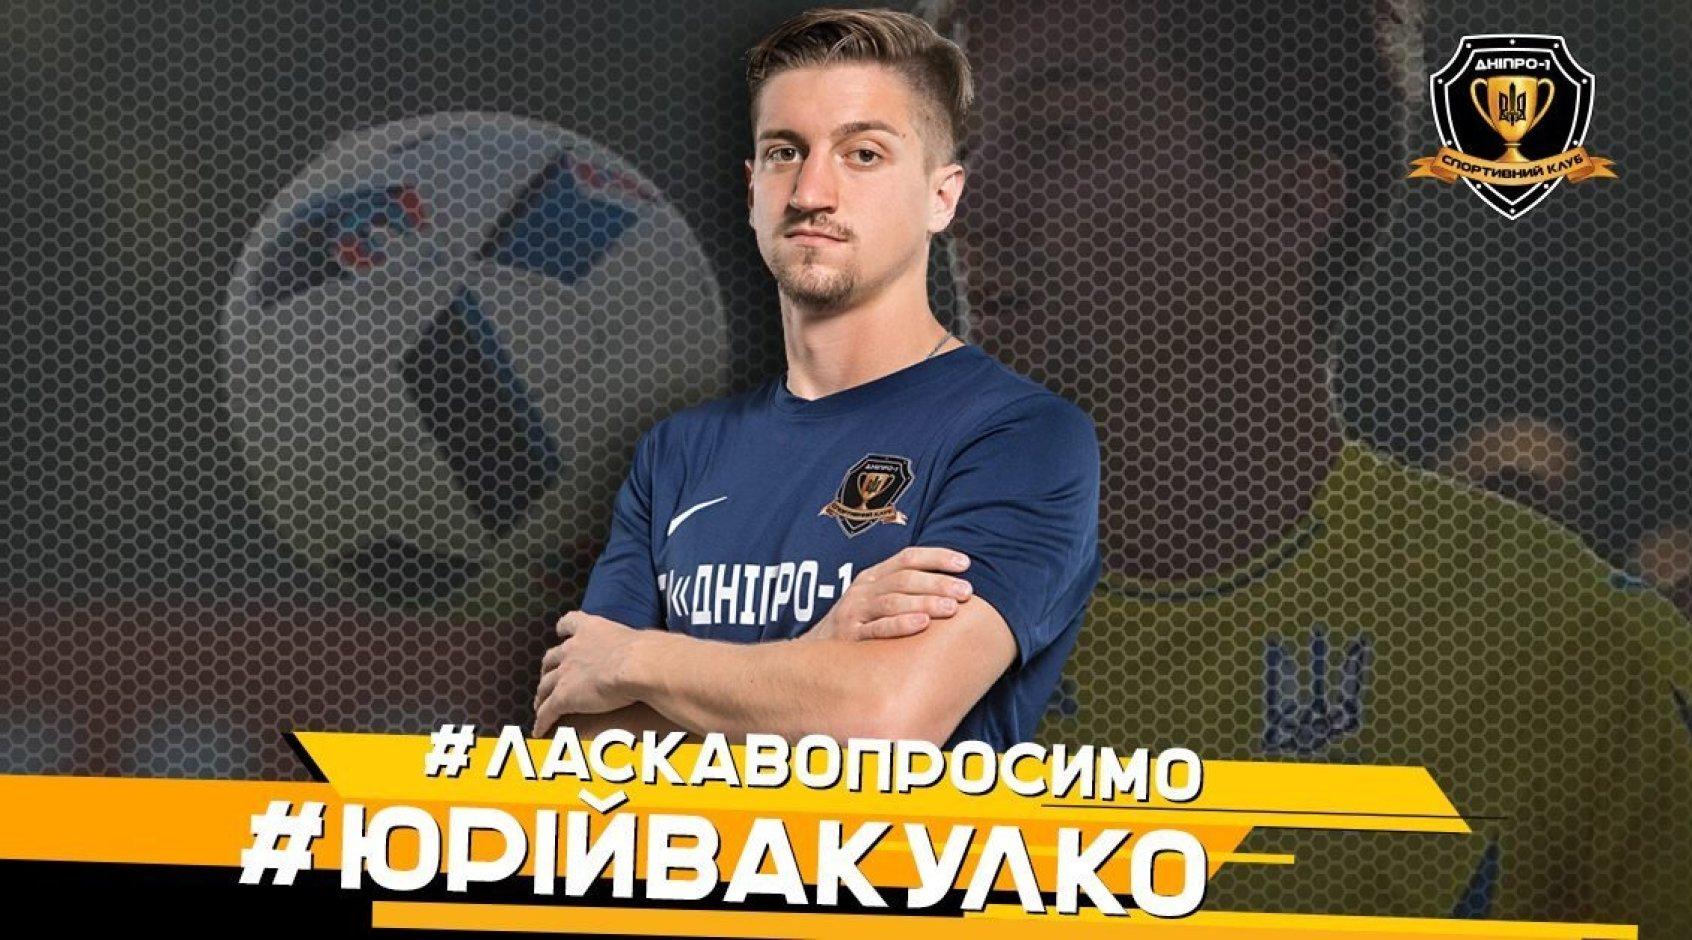 """Офіційно: Юрій Вакулко - гравець СК """"Дніпро-1"""""""